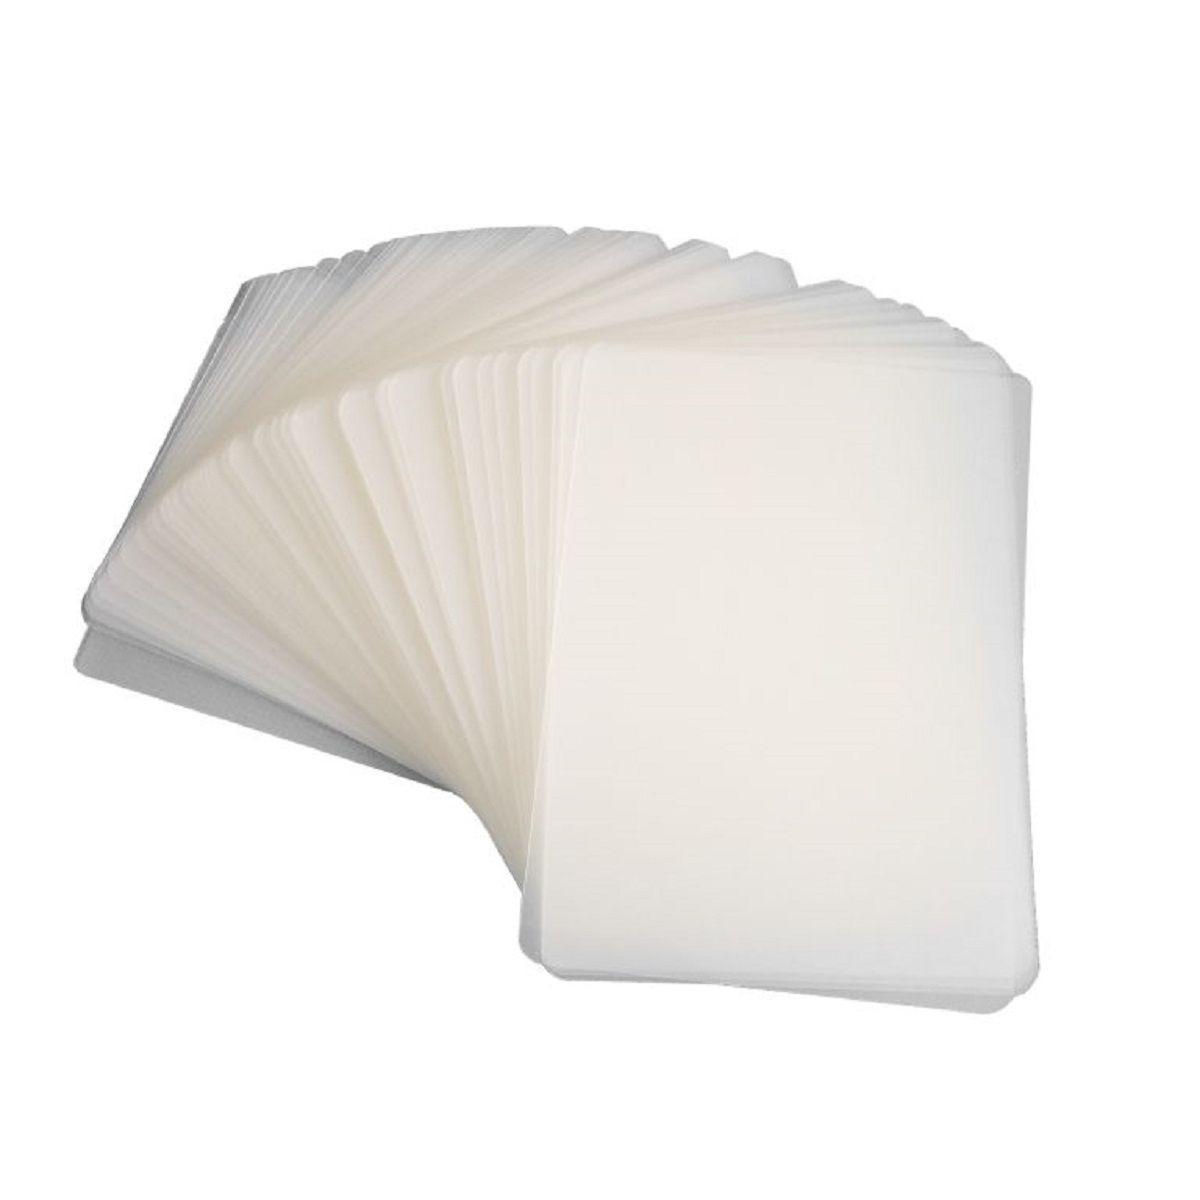 Polaseal para Plastificação A4 220x307x0,10mm (250 micras) - Pacote com 100 unidades  - Click Suprimentos